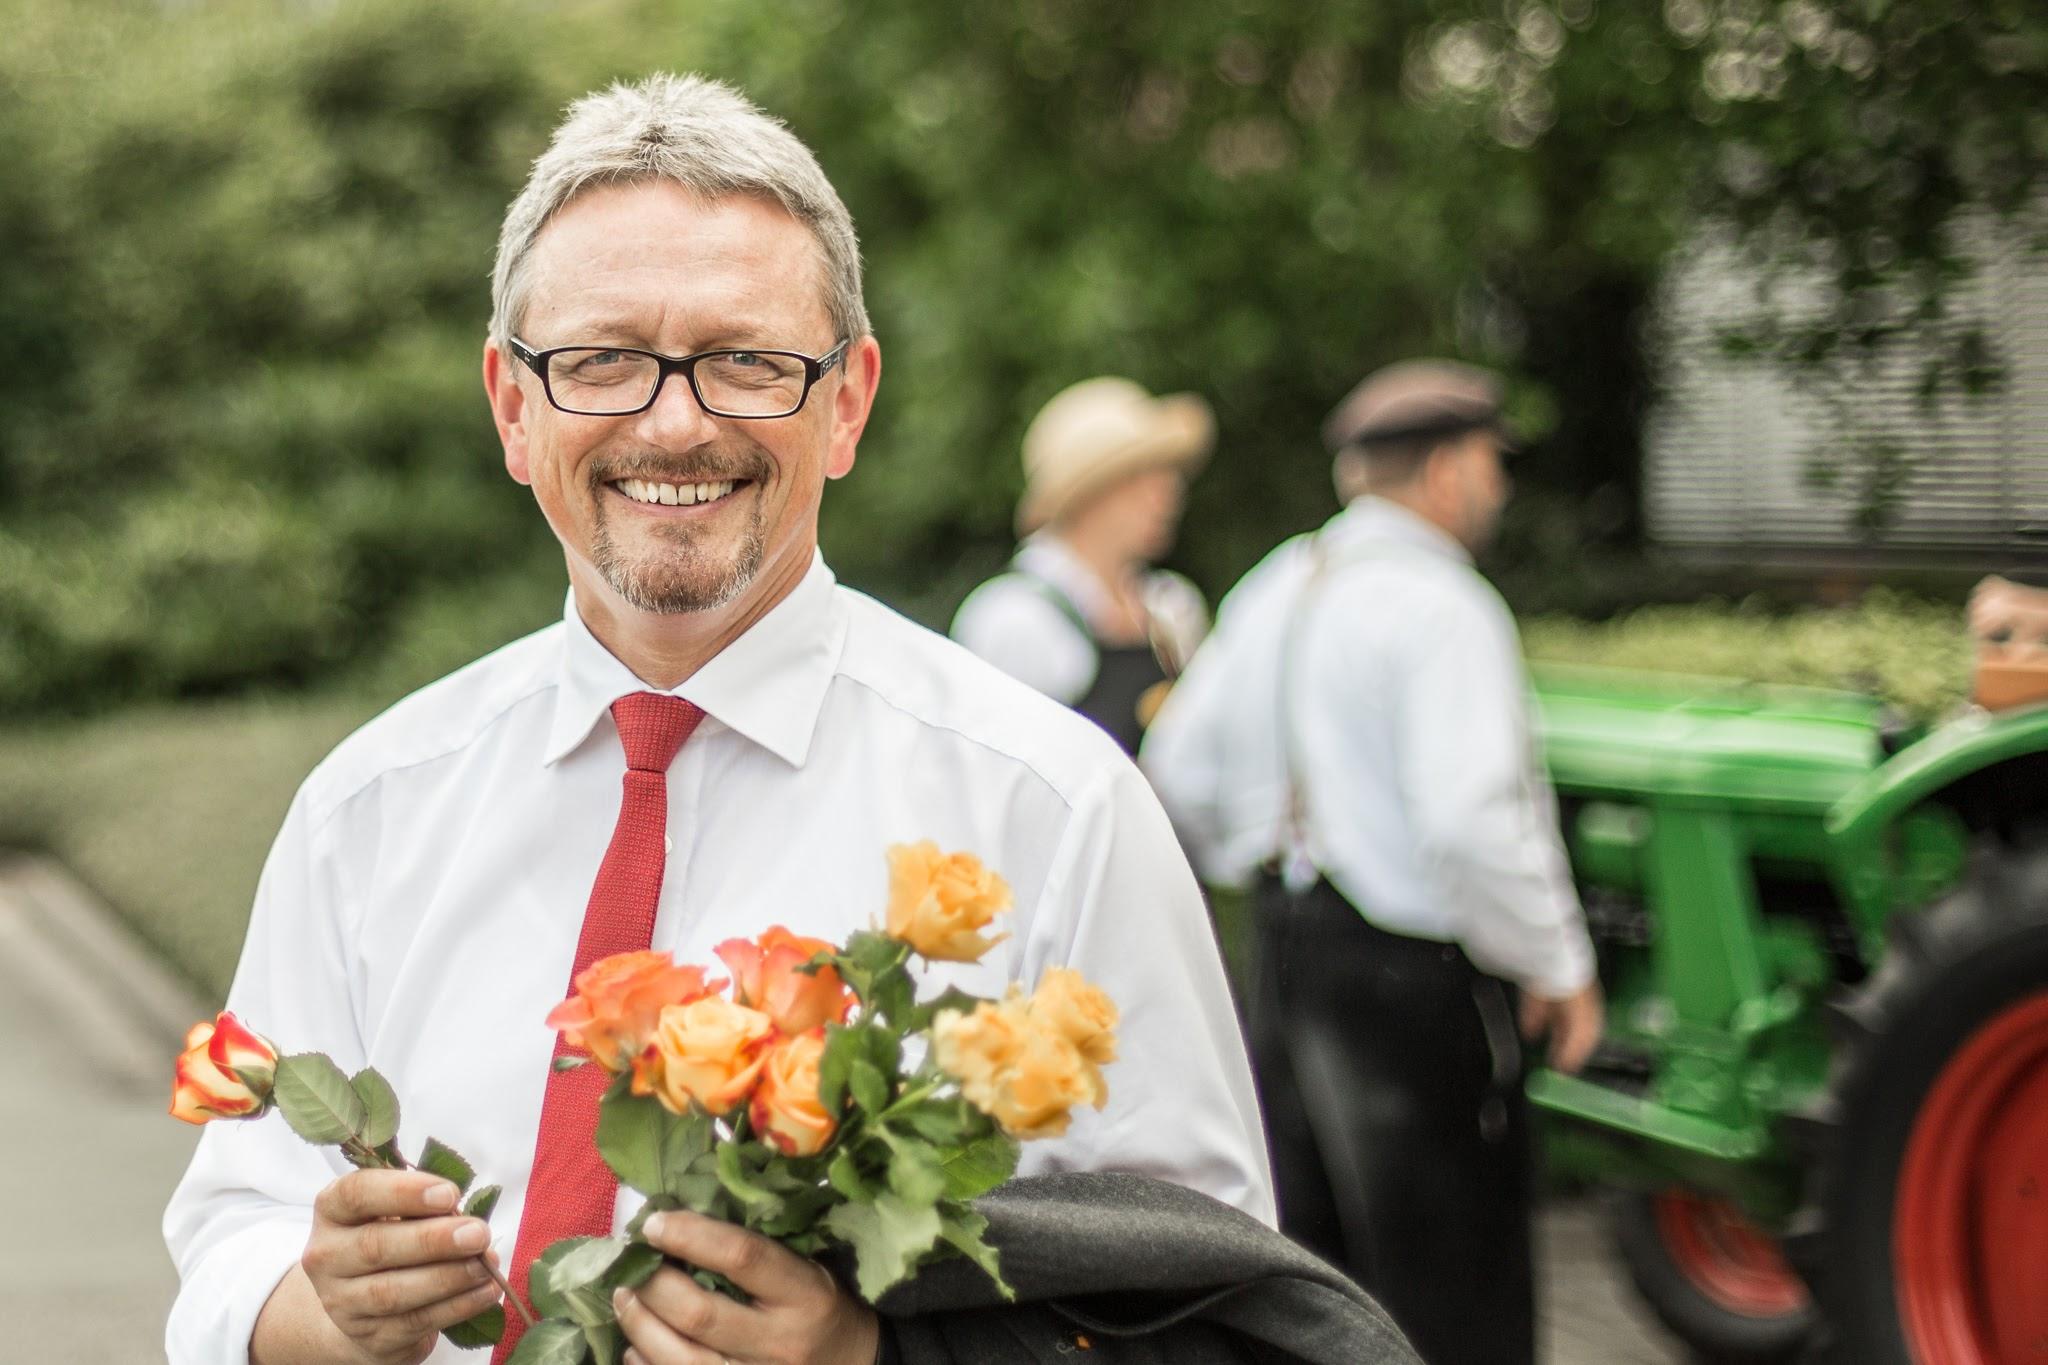 Bernd Lütjen